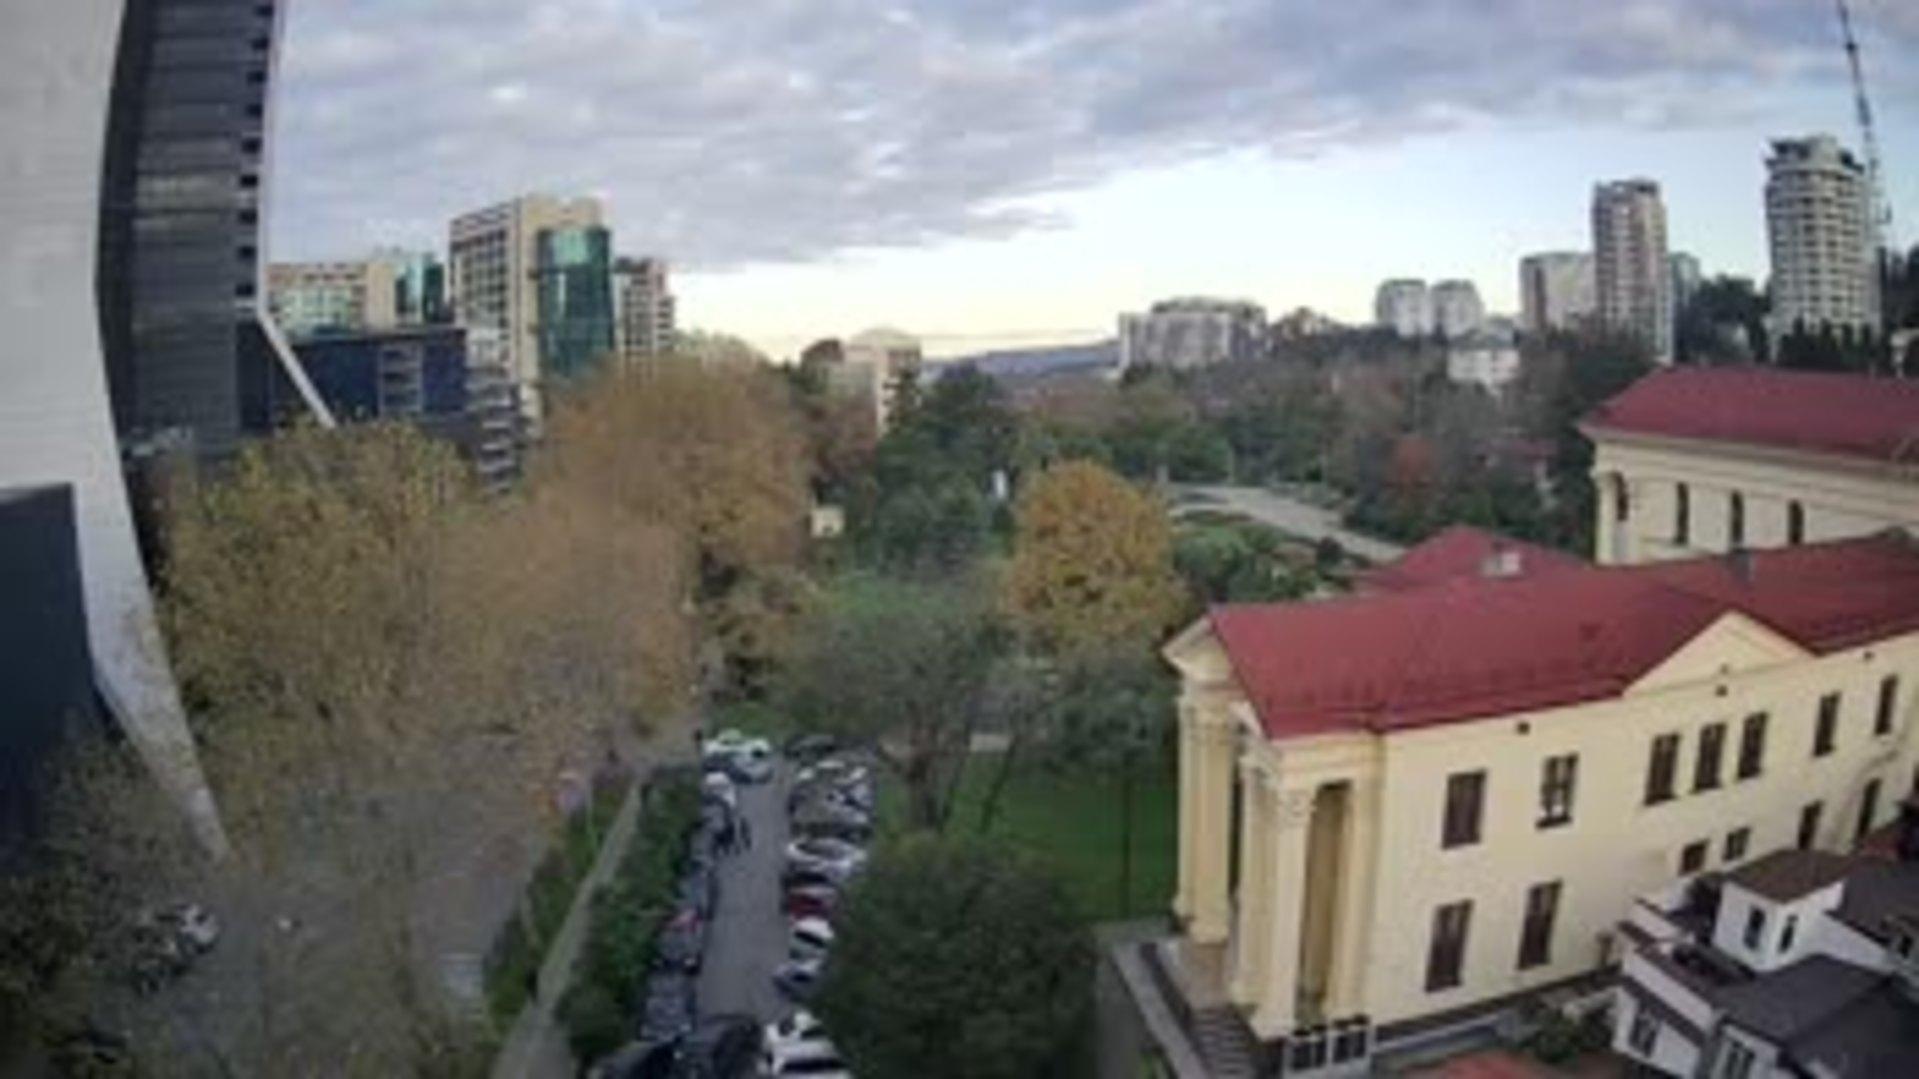 Webkamera Соболевка: Площадь искусств г. Сочи